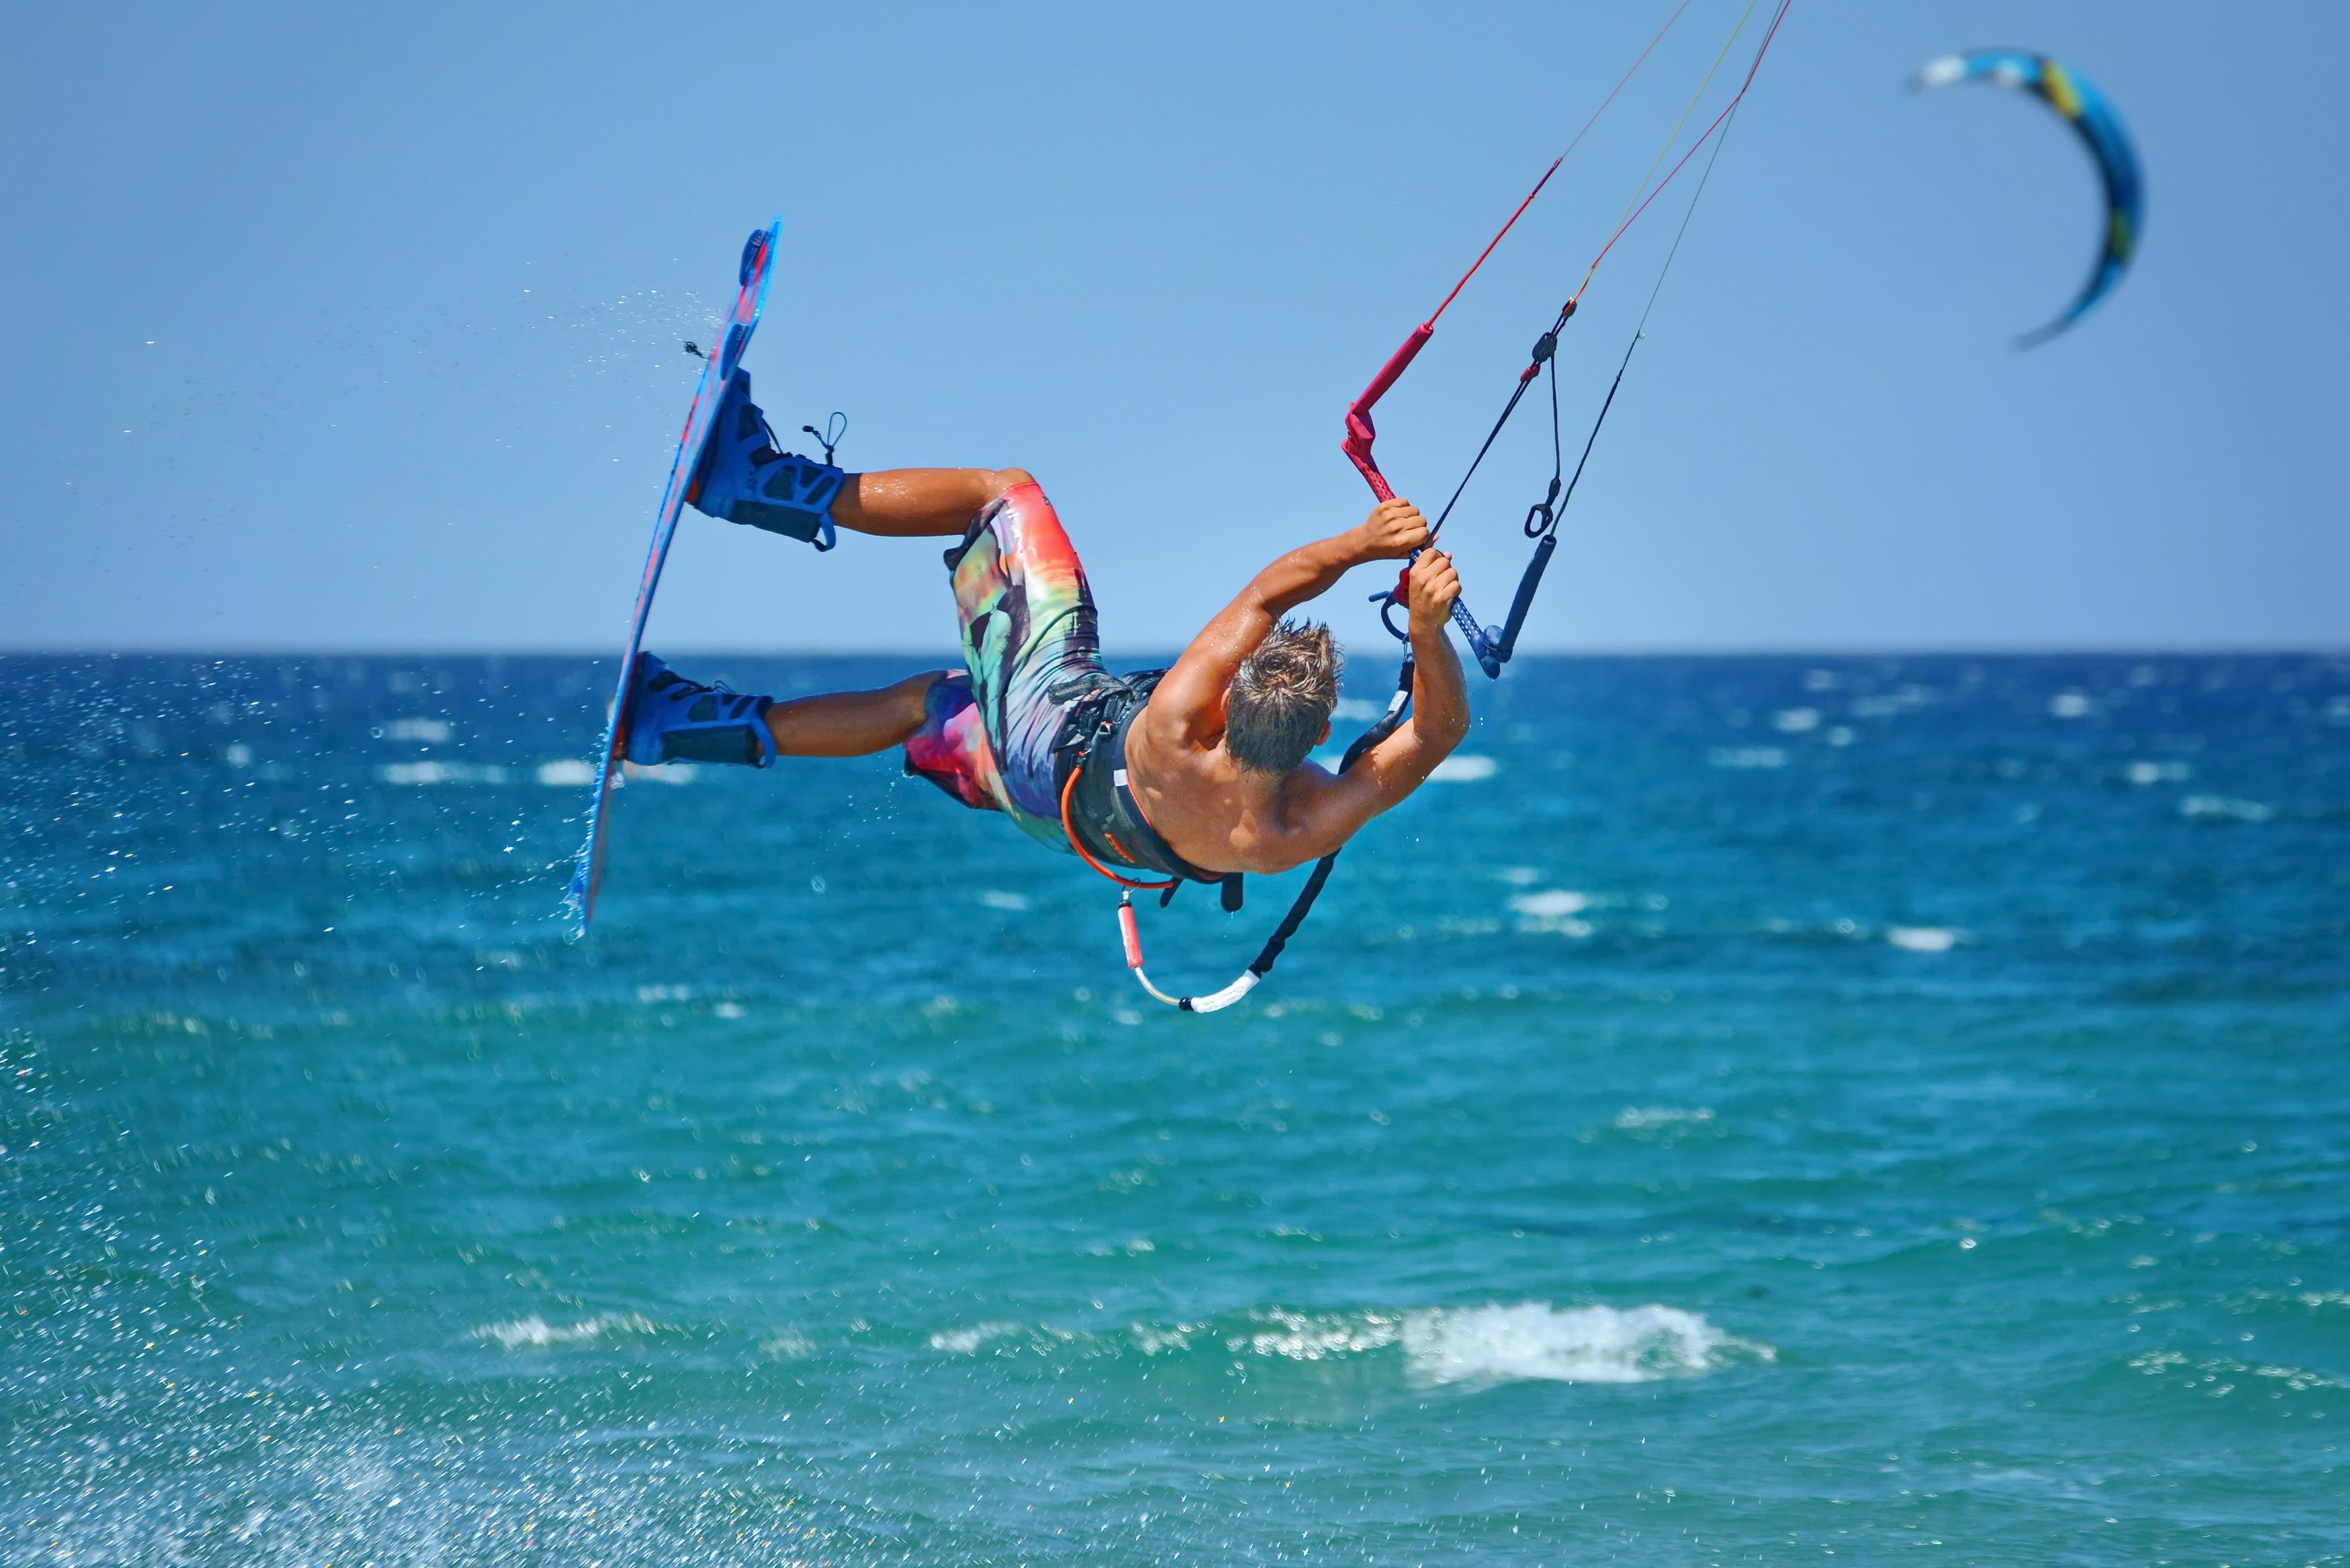 Kitesufer